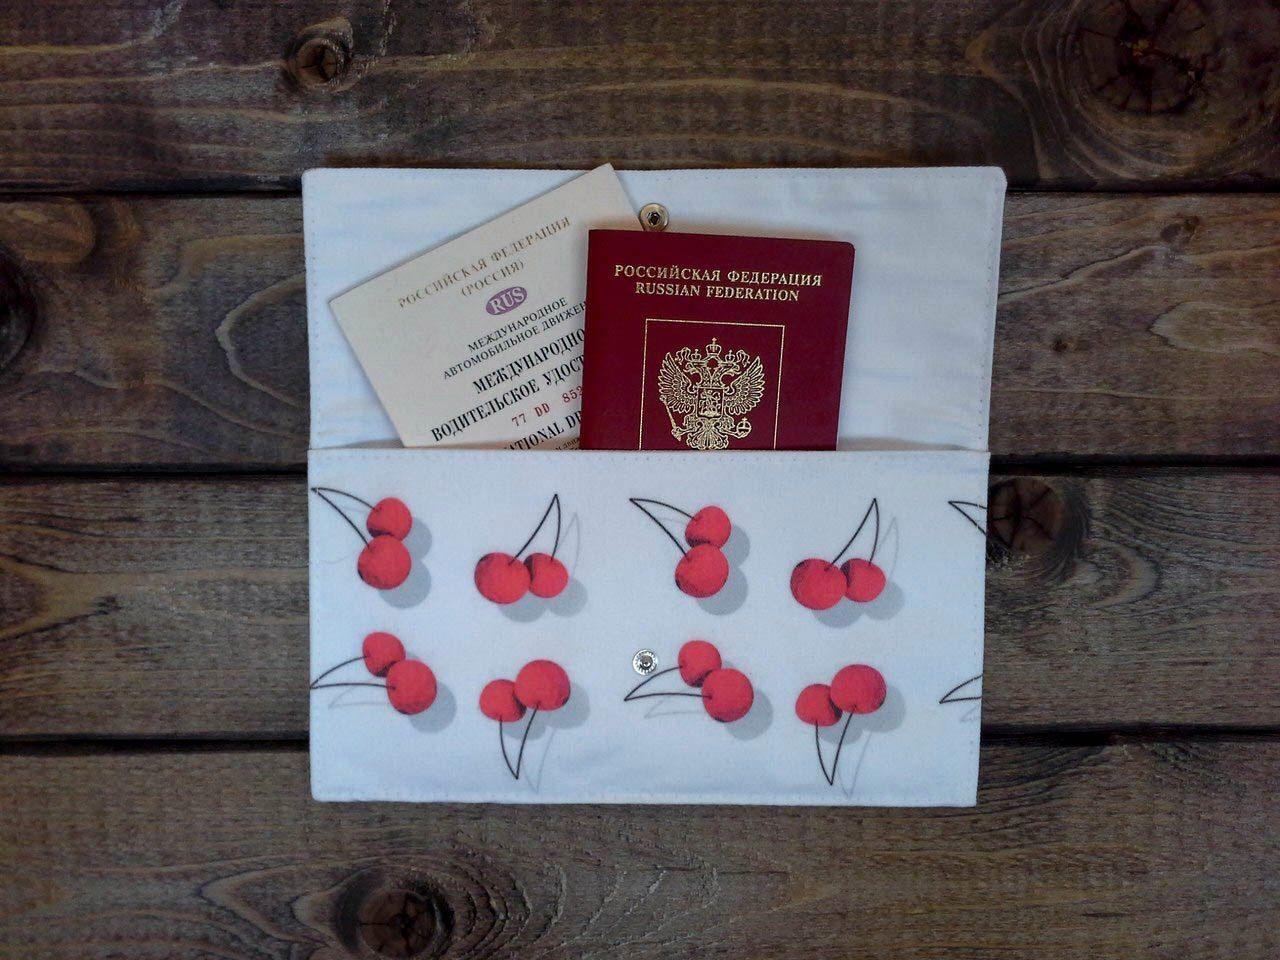 Конверт CherryЮристу<br>Подходит, как для автодокументов, так и для паспорта, необычный подарок для любого знакомого или друга. Можно стирать в стиральной машинке. ...<br>Размер: None; Объем: None; Материал: Текстиль, резина; Цвет: Комбинированный;